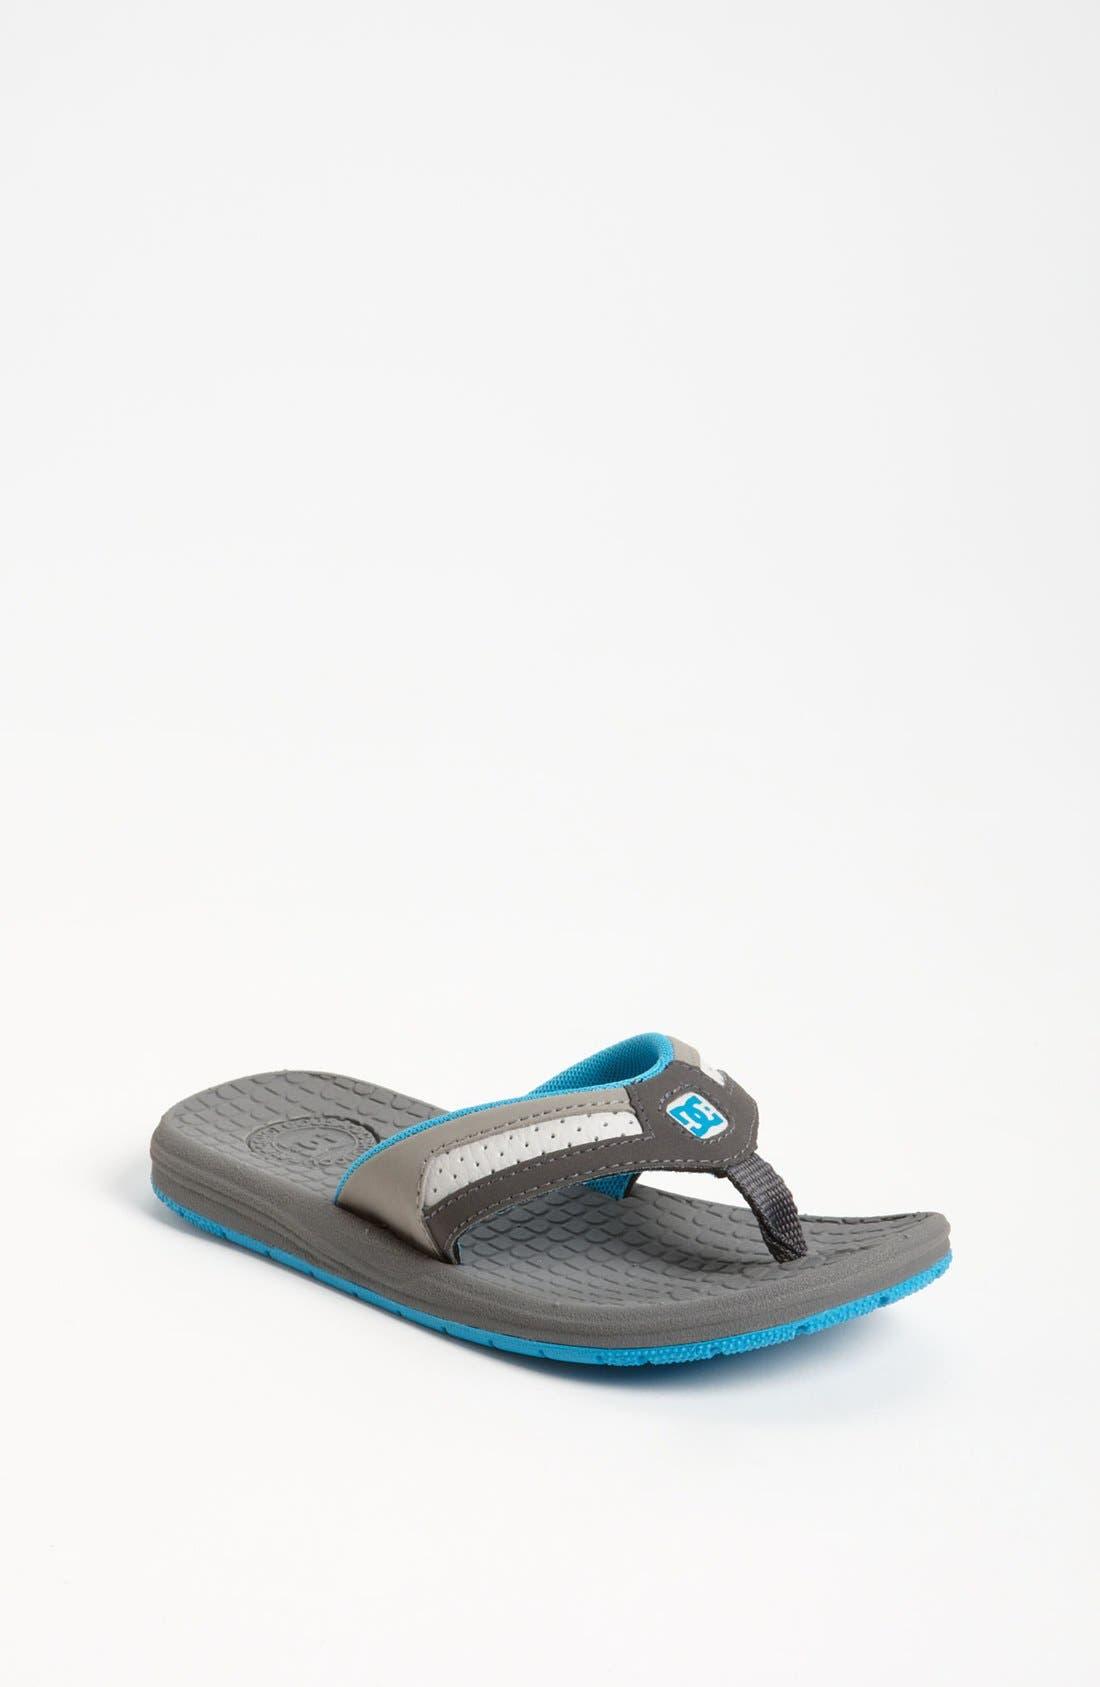 Alternate Image 1 Selected - DC Shoes 'Cabo' Flip Flop (Toddler, Little Kid & Big Kid)